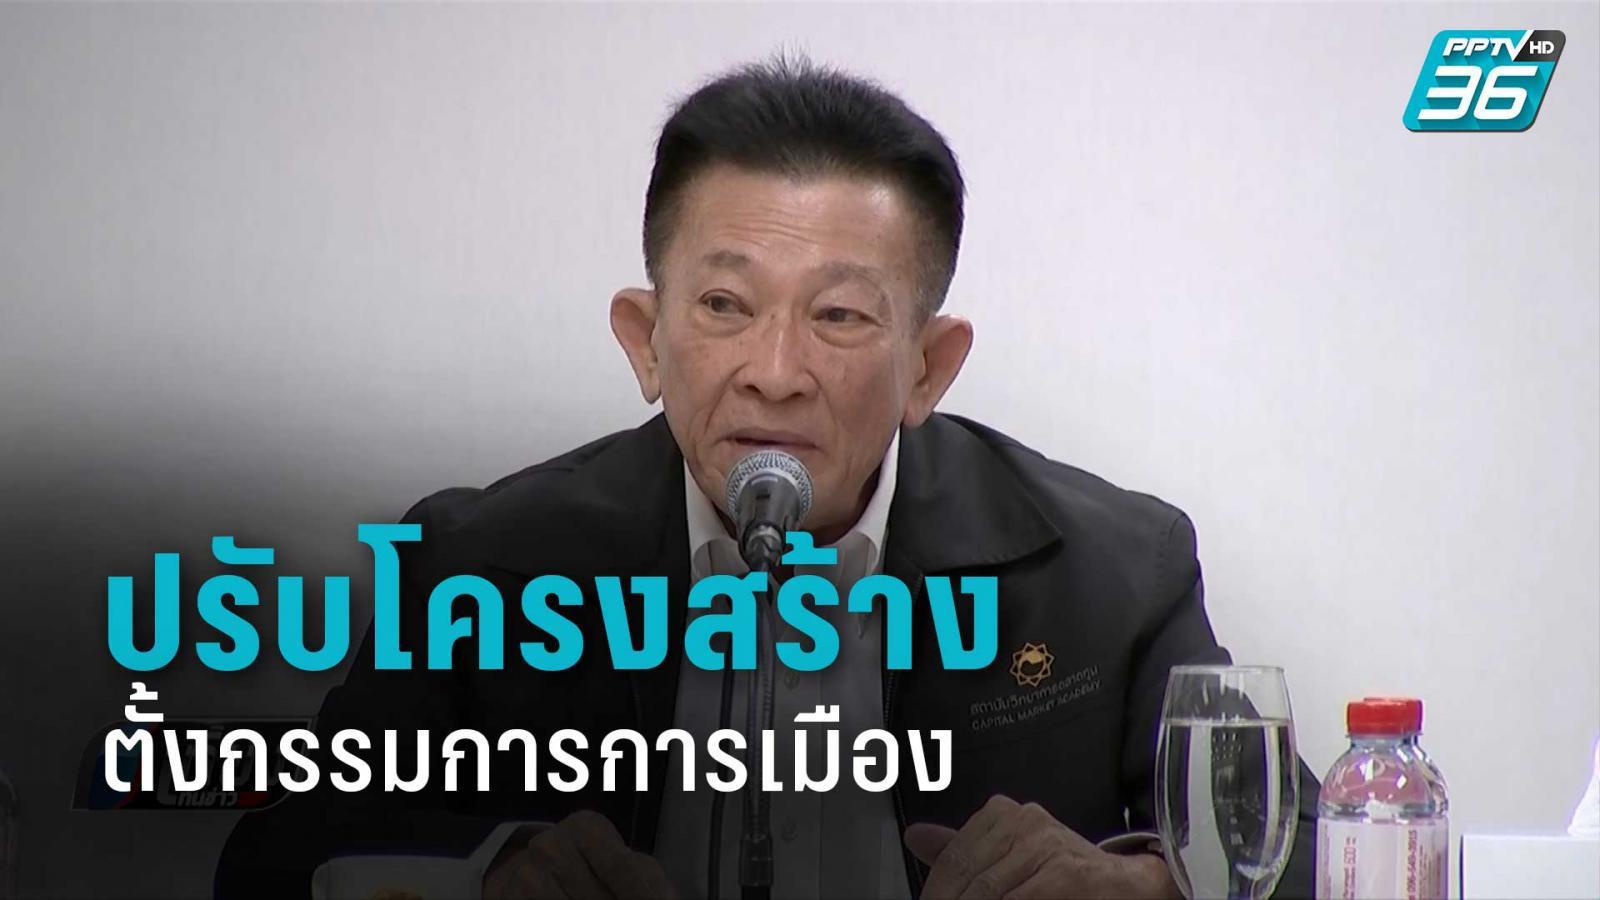 """""""เพื่อไทย"""" ปรับโครงสร้าง ตั้ง กรรมการการเมือง แทน กรรมการยุทธศาสตร์พรรค"""